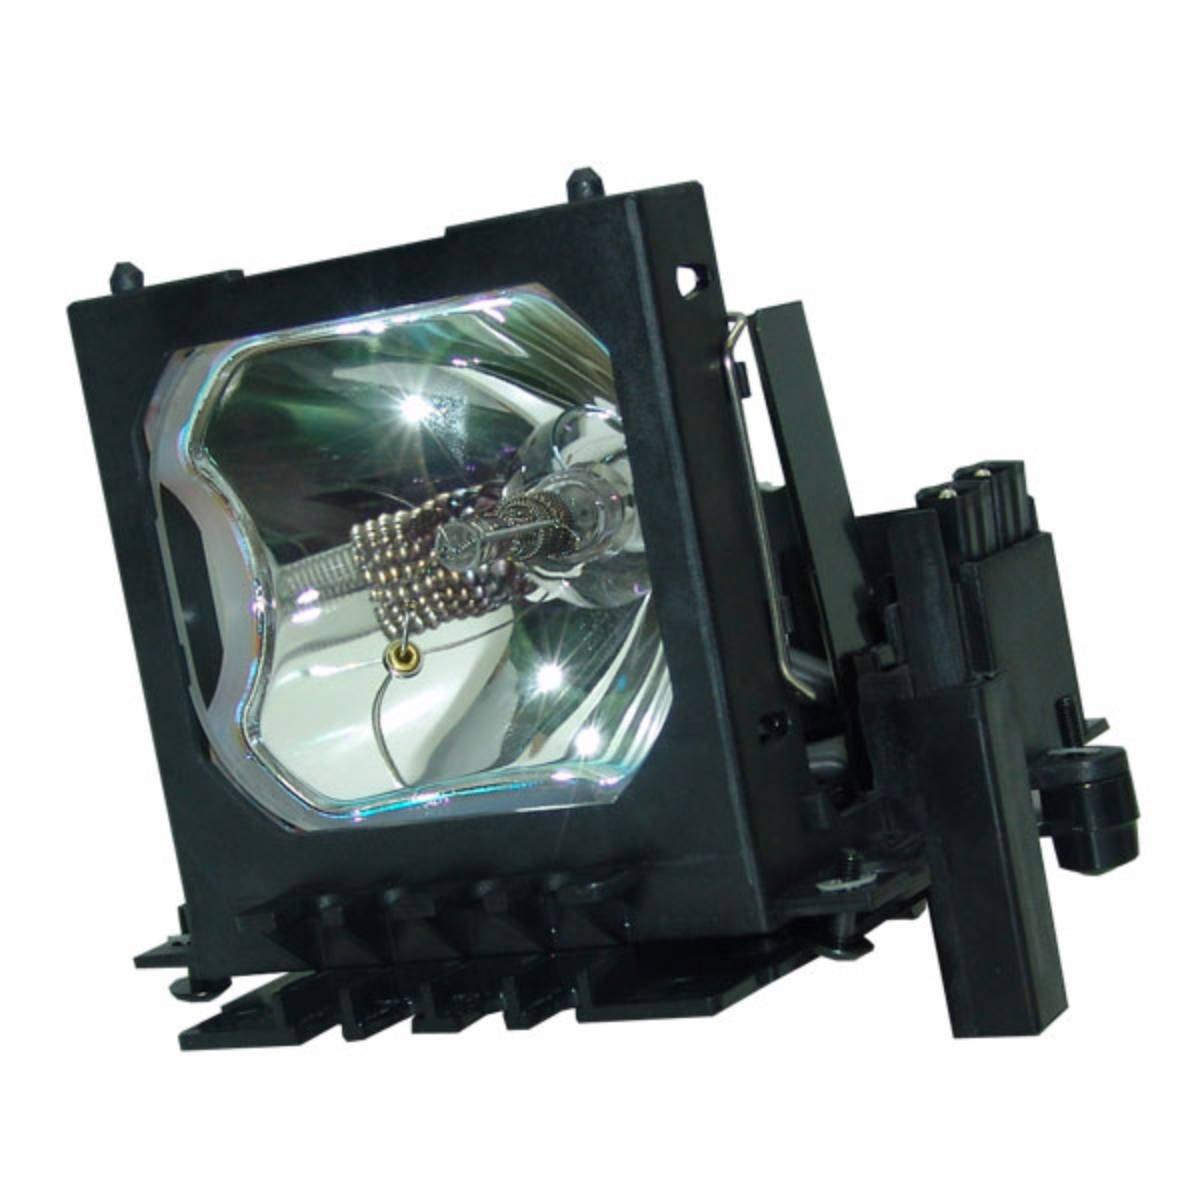 FI Lamps ImagePro 8935 プロジェクターランプ ハウジング付き Dukaneプロジェクター用   B00D2HKMQK